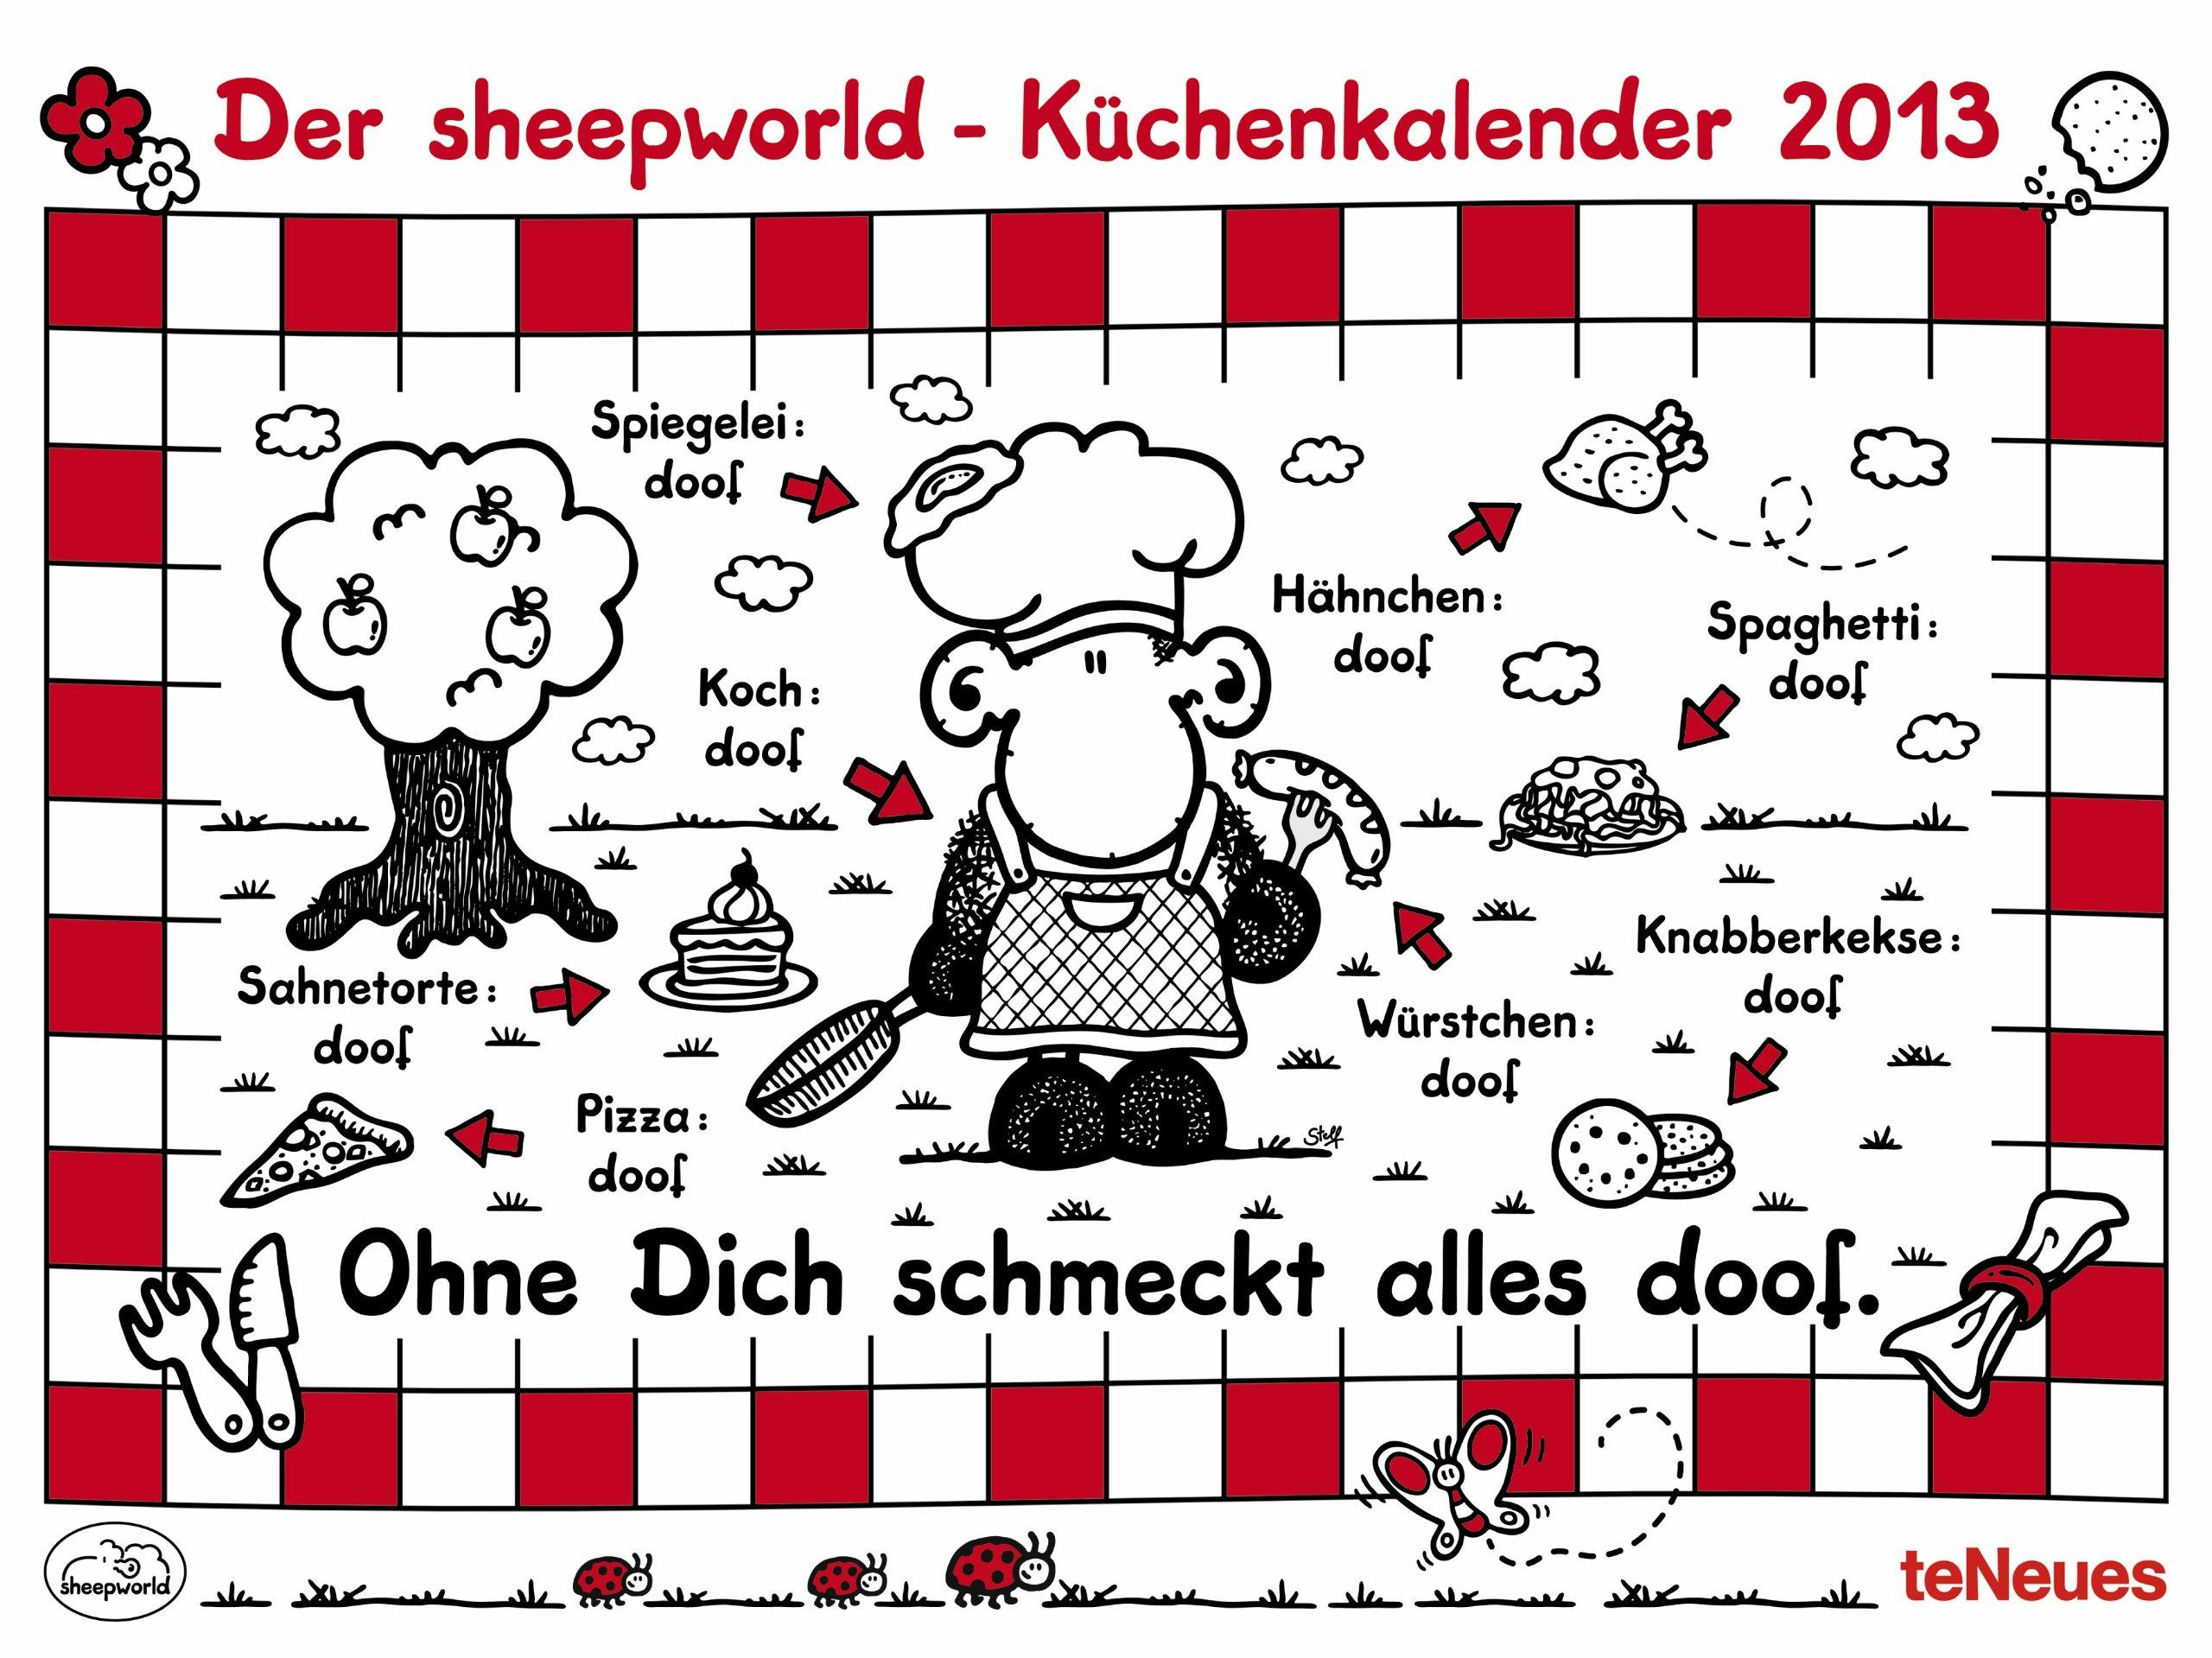 Der sheepworld Küchenkalender 2013